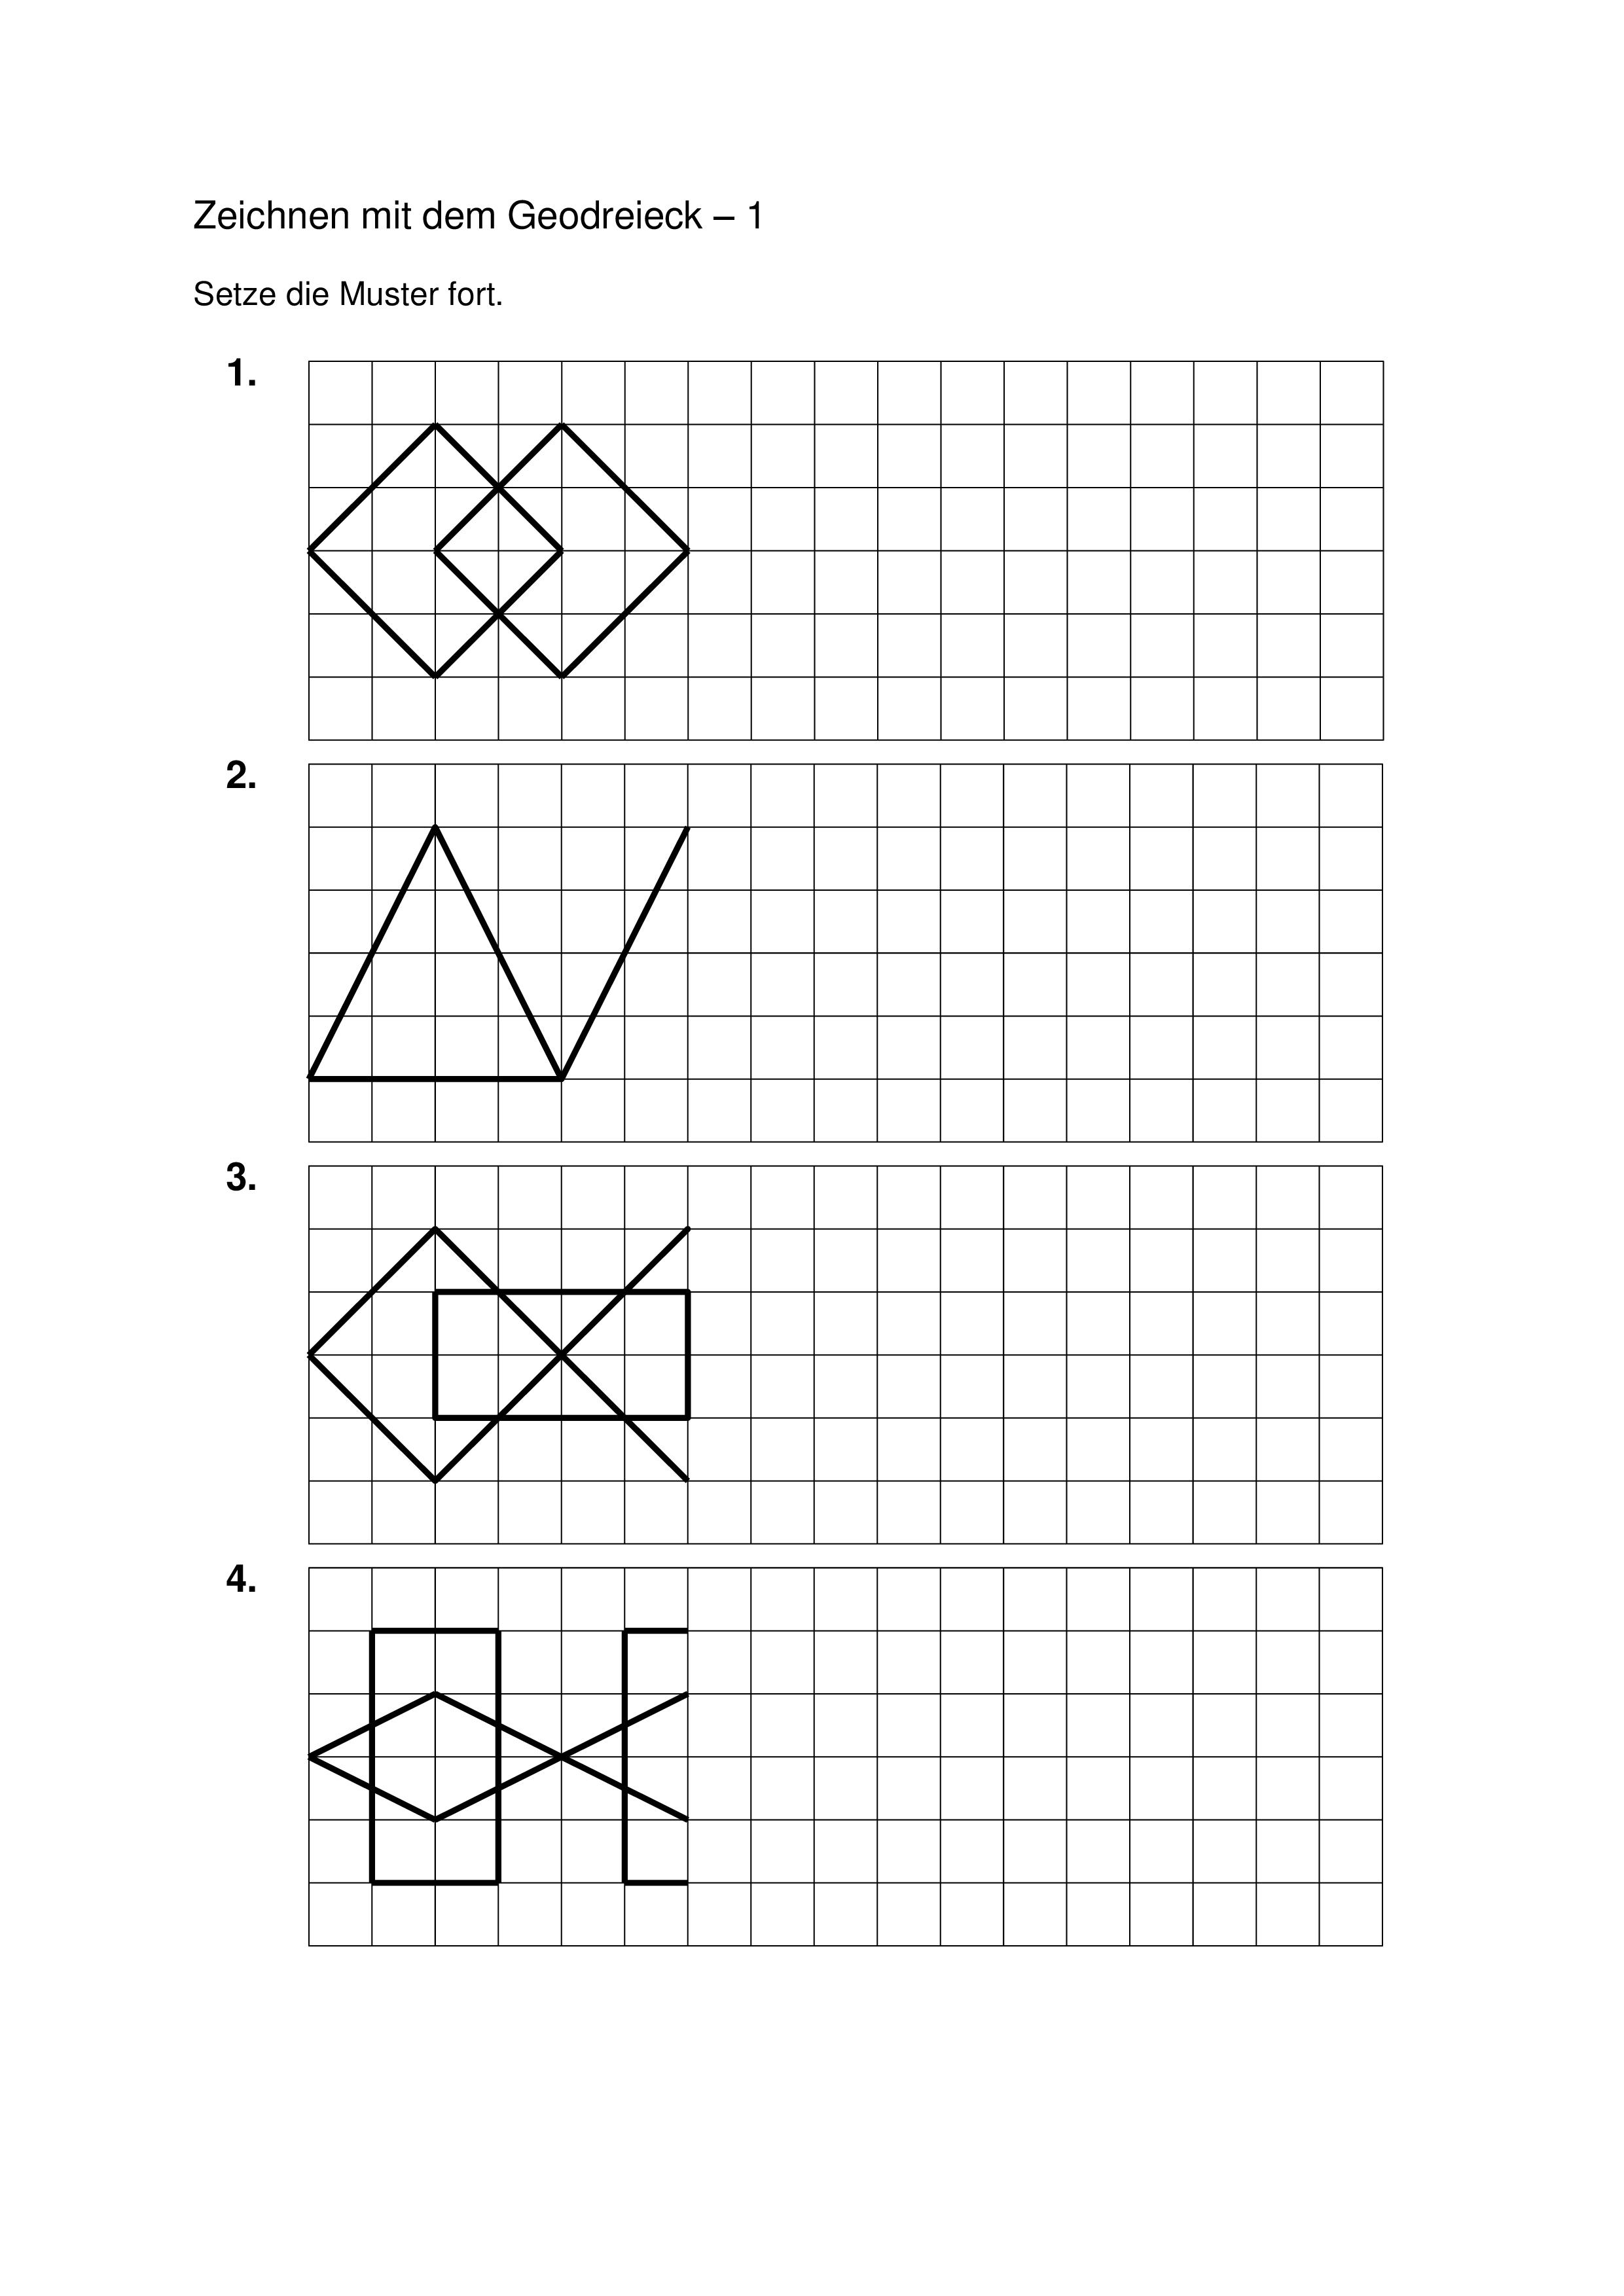 Geometrie Klasse 3 4 5 Fortsetzen Und Ubertragen Von Mustern Geometrie Mathematikunterricht Bruchrechnen